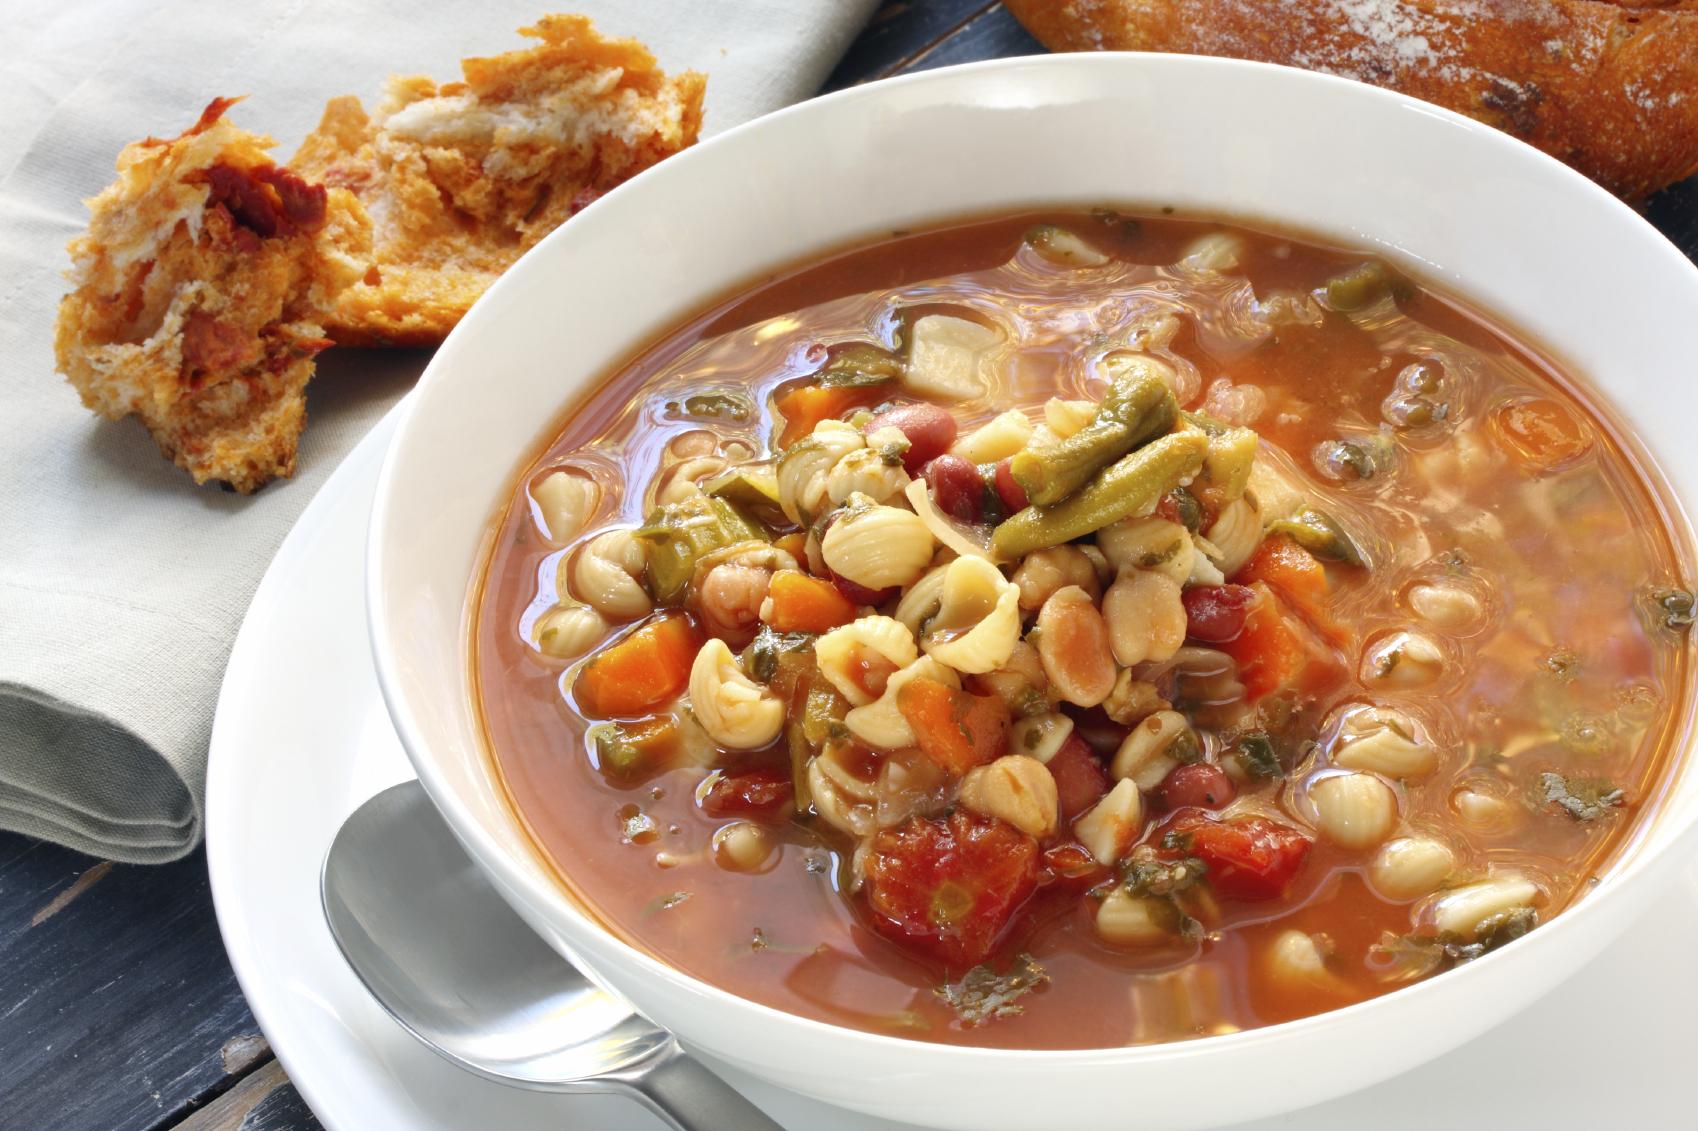 Lamb soup with pasta shells : Soppa tal-ħaruf bl-għaġin bebbux